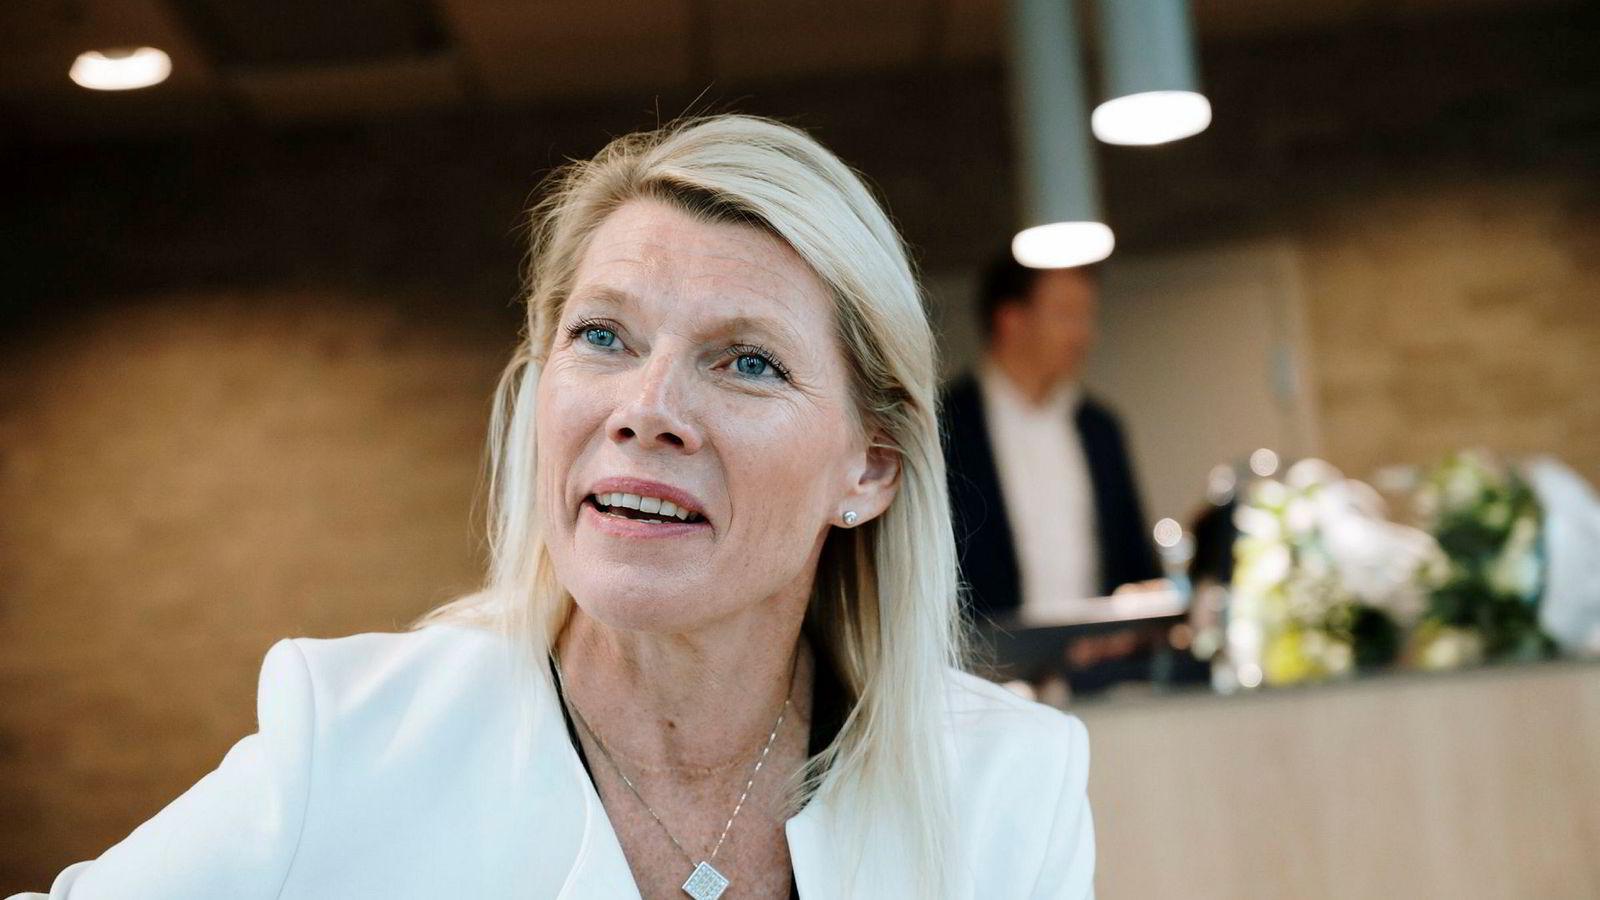 Påtroppende DNB-sjef Kjerstin Braathen får en krevende jobb å levere det markedet forventer av hver eneste ansatt.